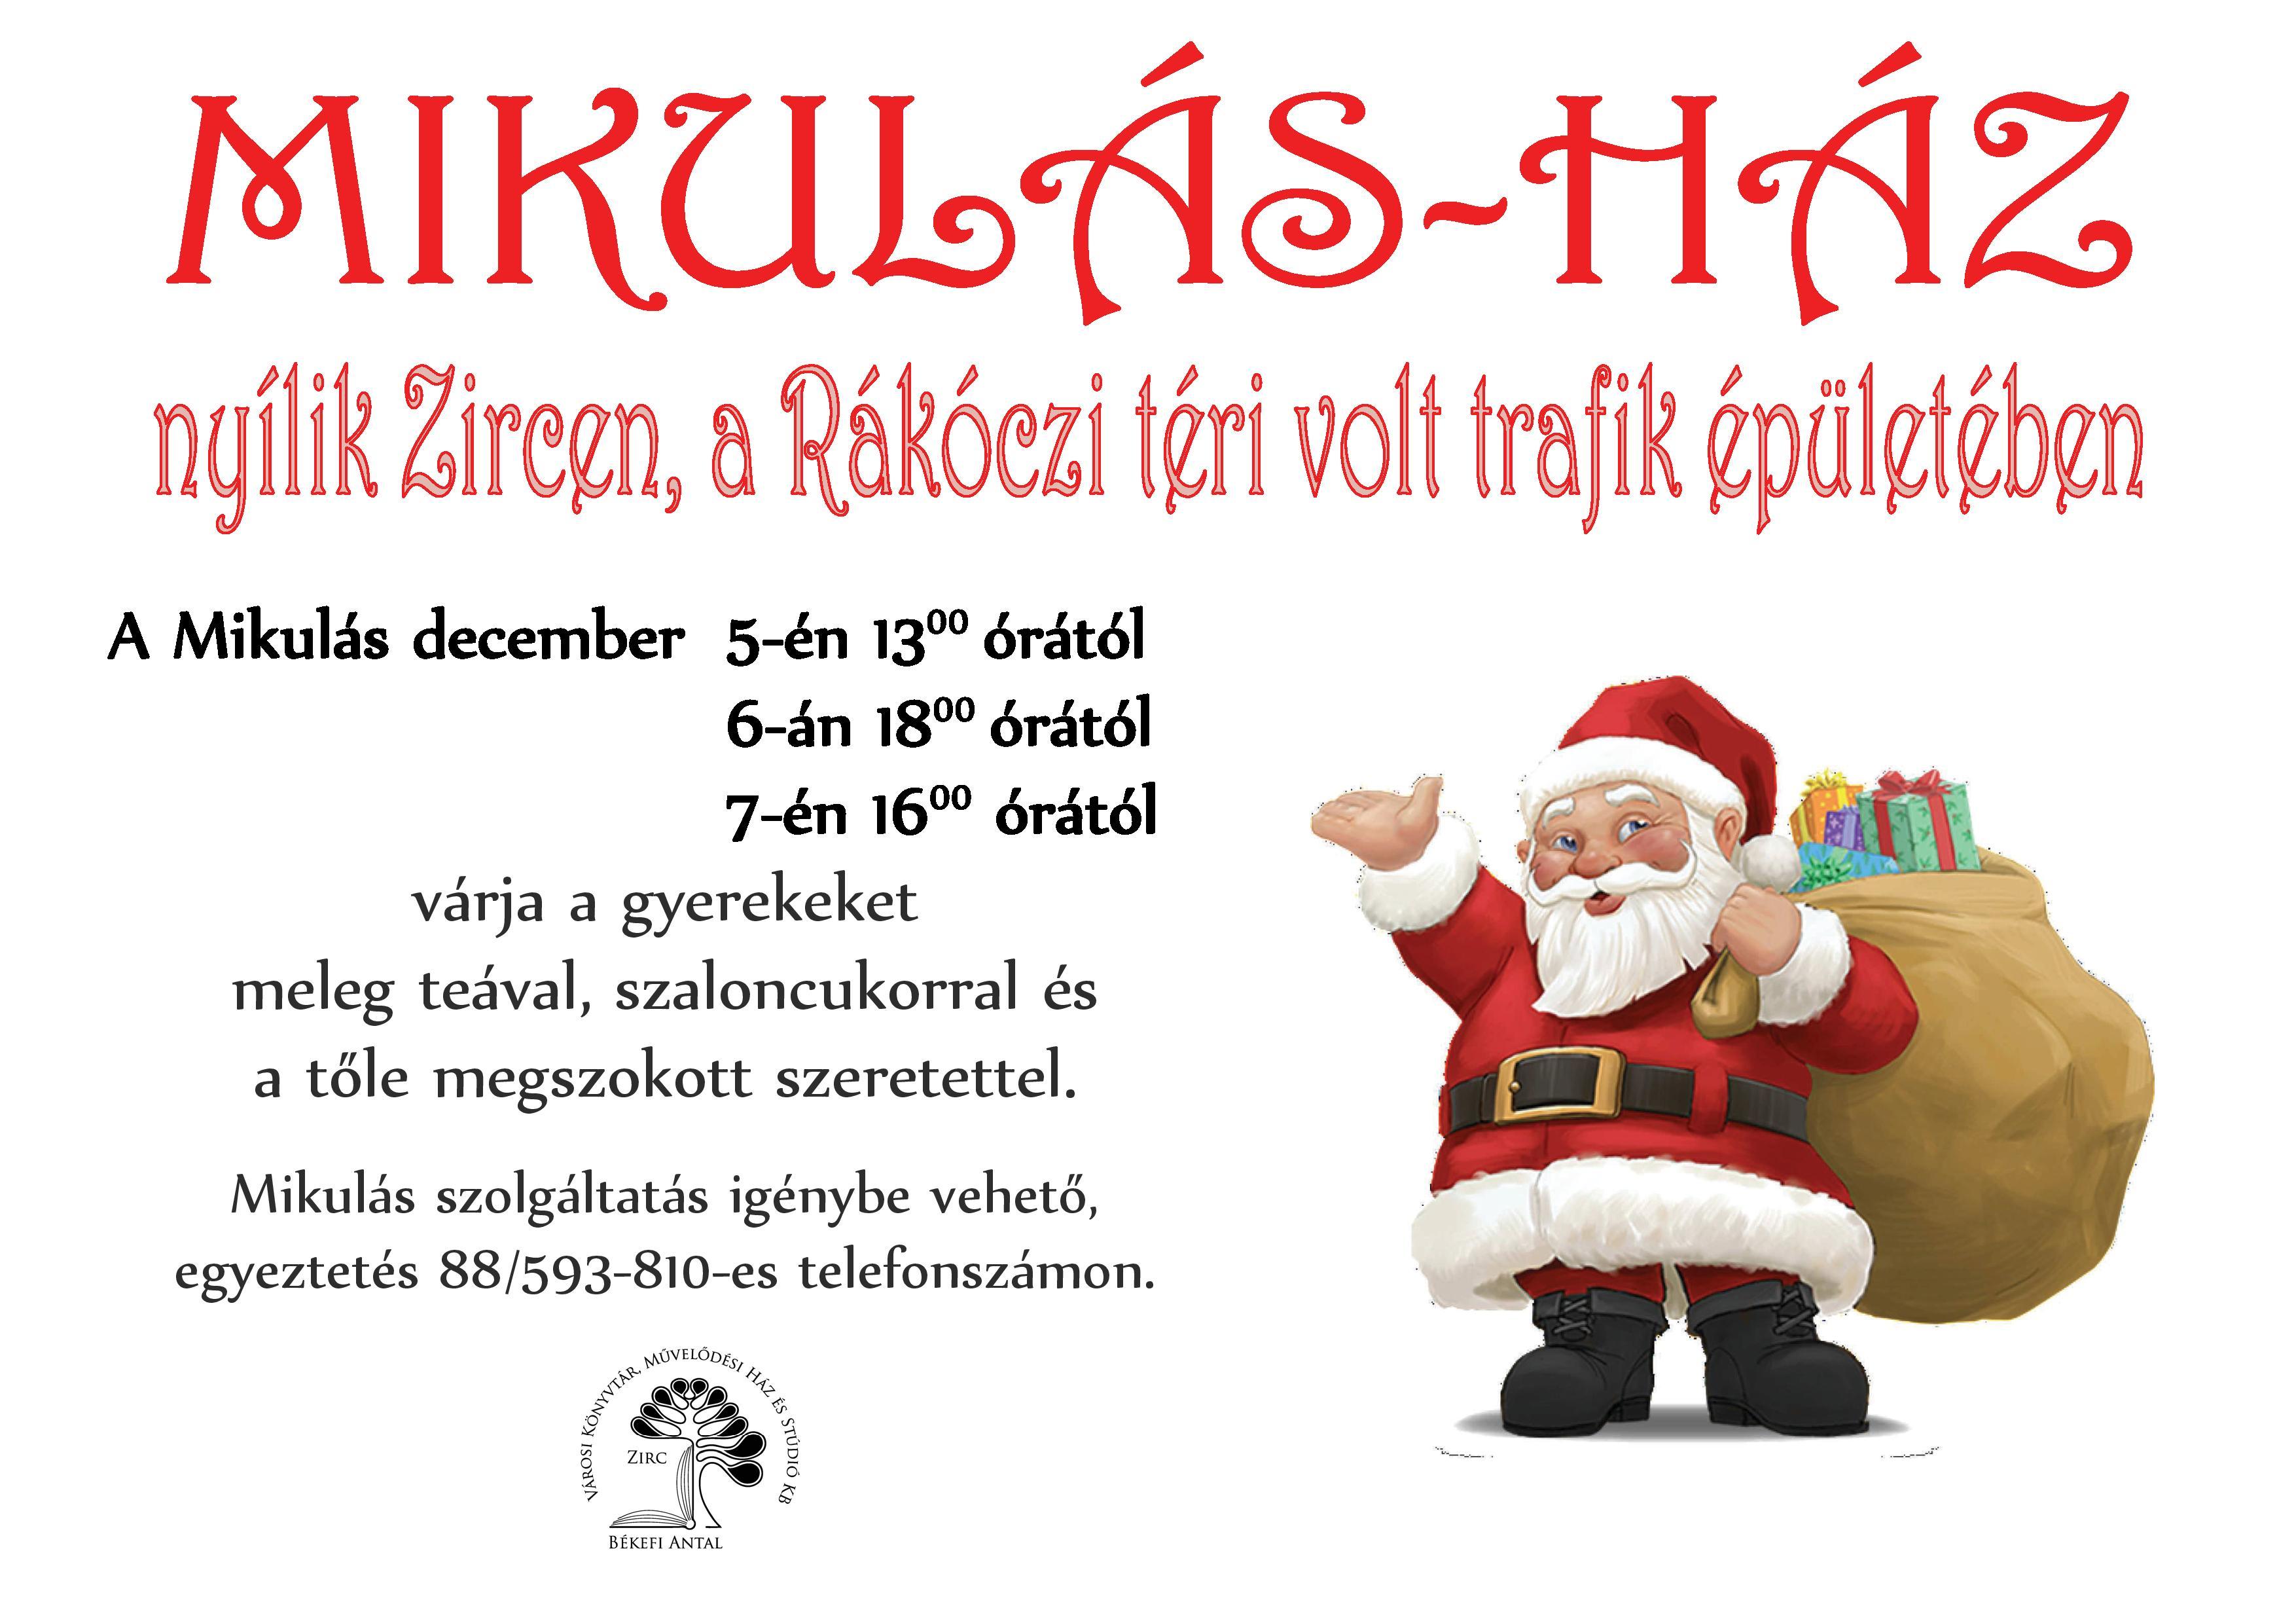 mikulashaz-page-001.jpg